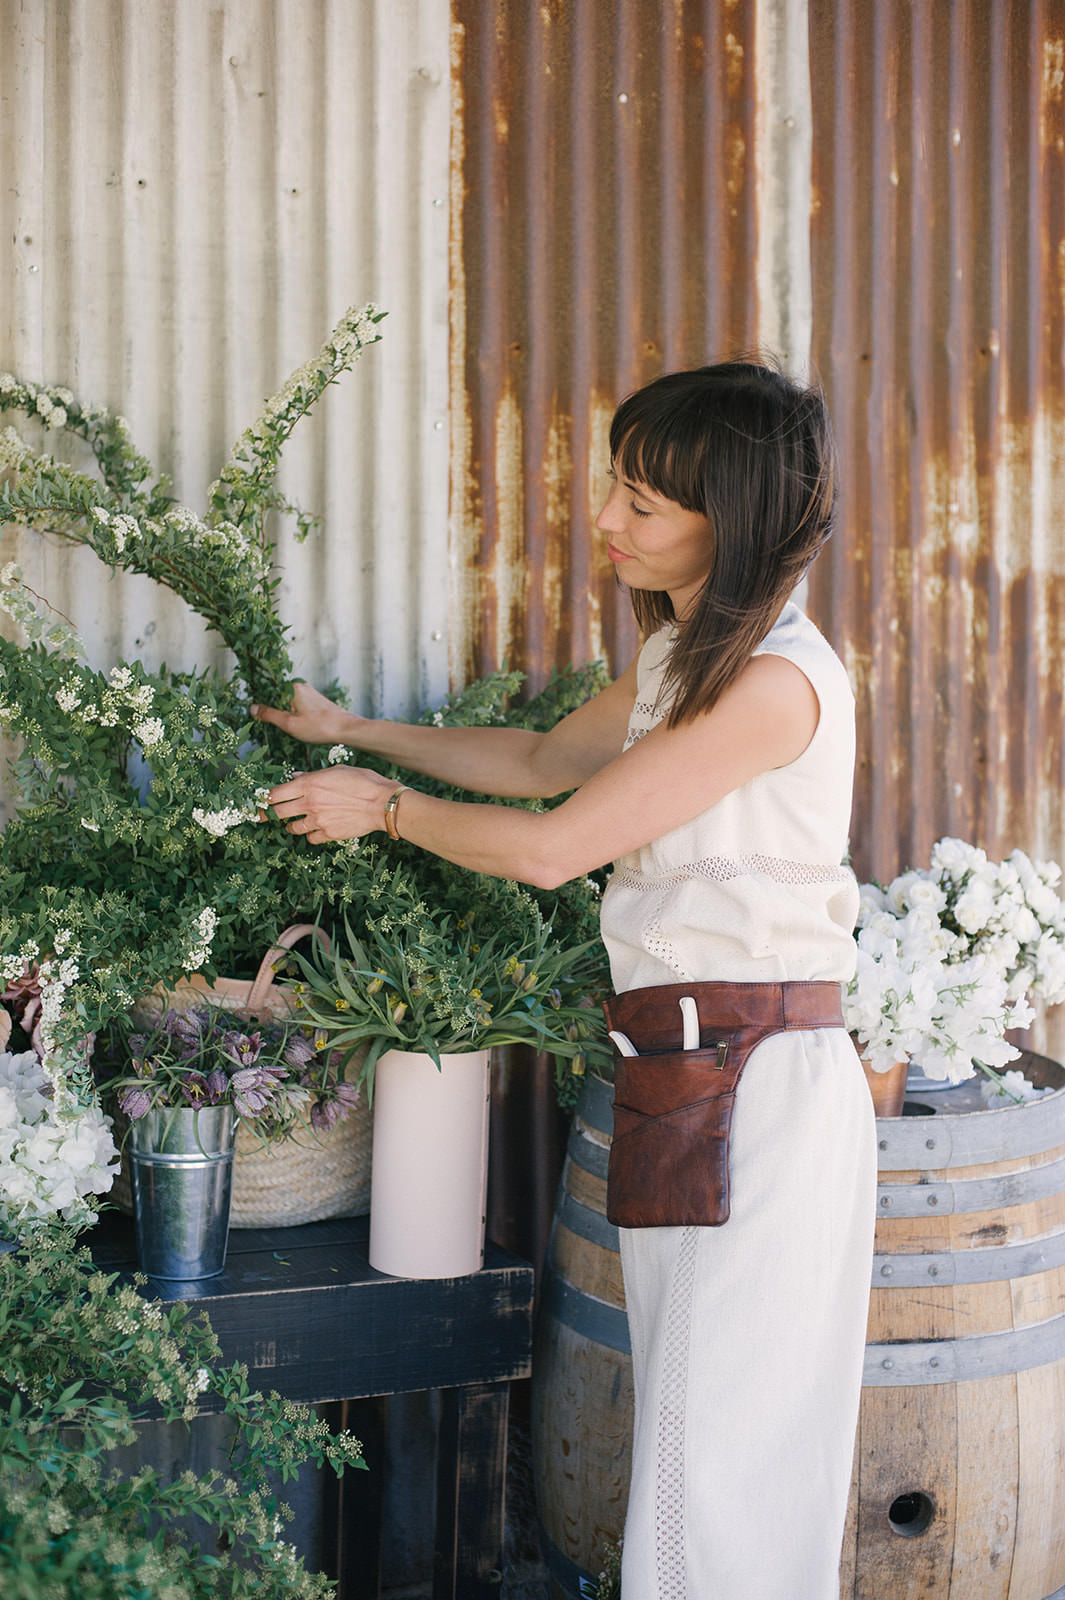 Sarah Winward floral arranging class in Santa Barbara at Folded Hills Ranch for Jenni Kayne Pacific Natural retreat.